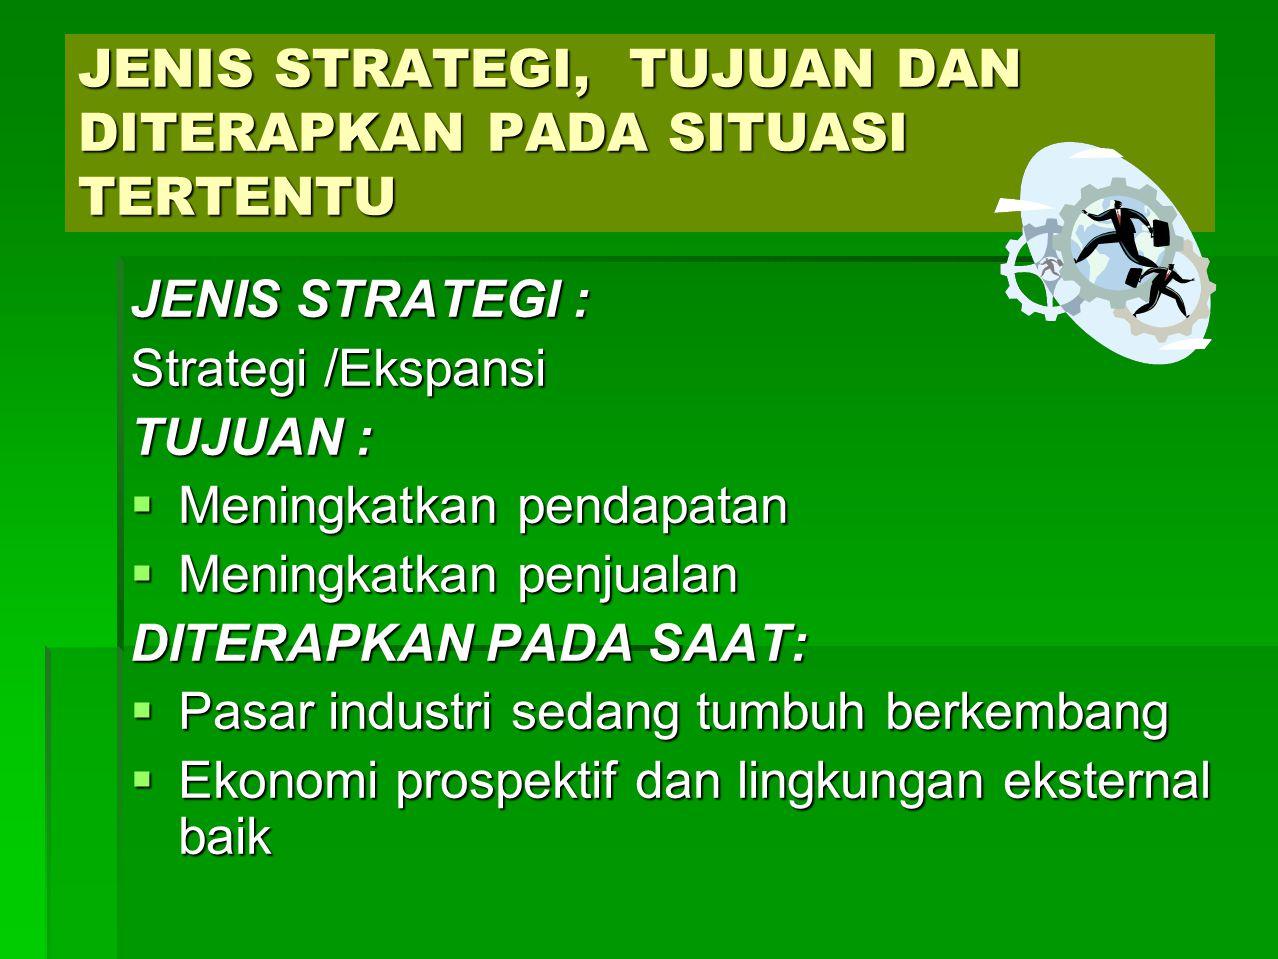 JENIS STRATEGI Strategi Stabilitas TUJUAN Meningkatkan profitabilitas DITERAPKAN PADA SAAT  Pada saat pasar atau industri yang telah jenuh  Lingkungan yang stabil